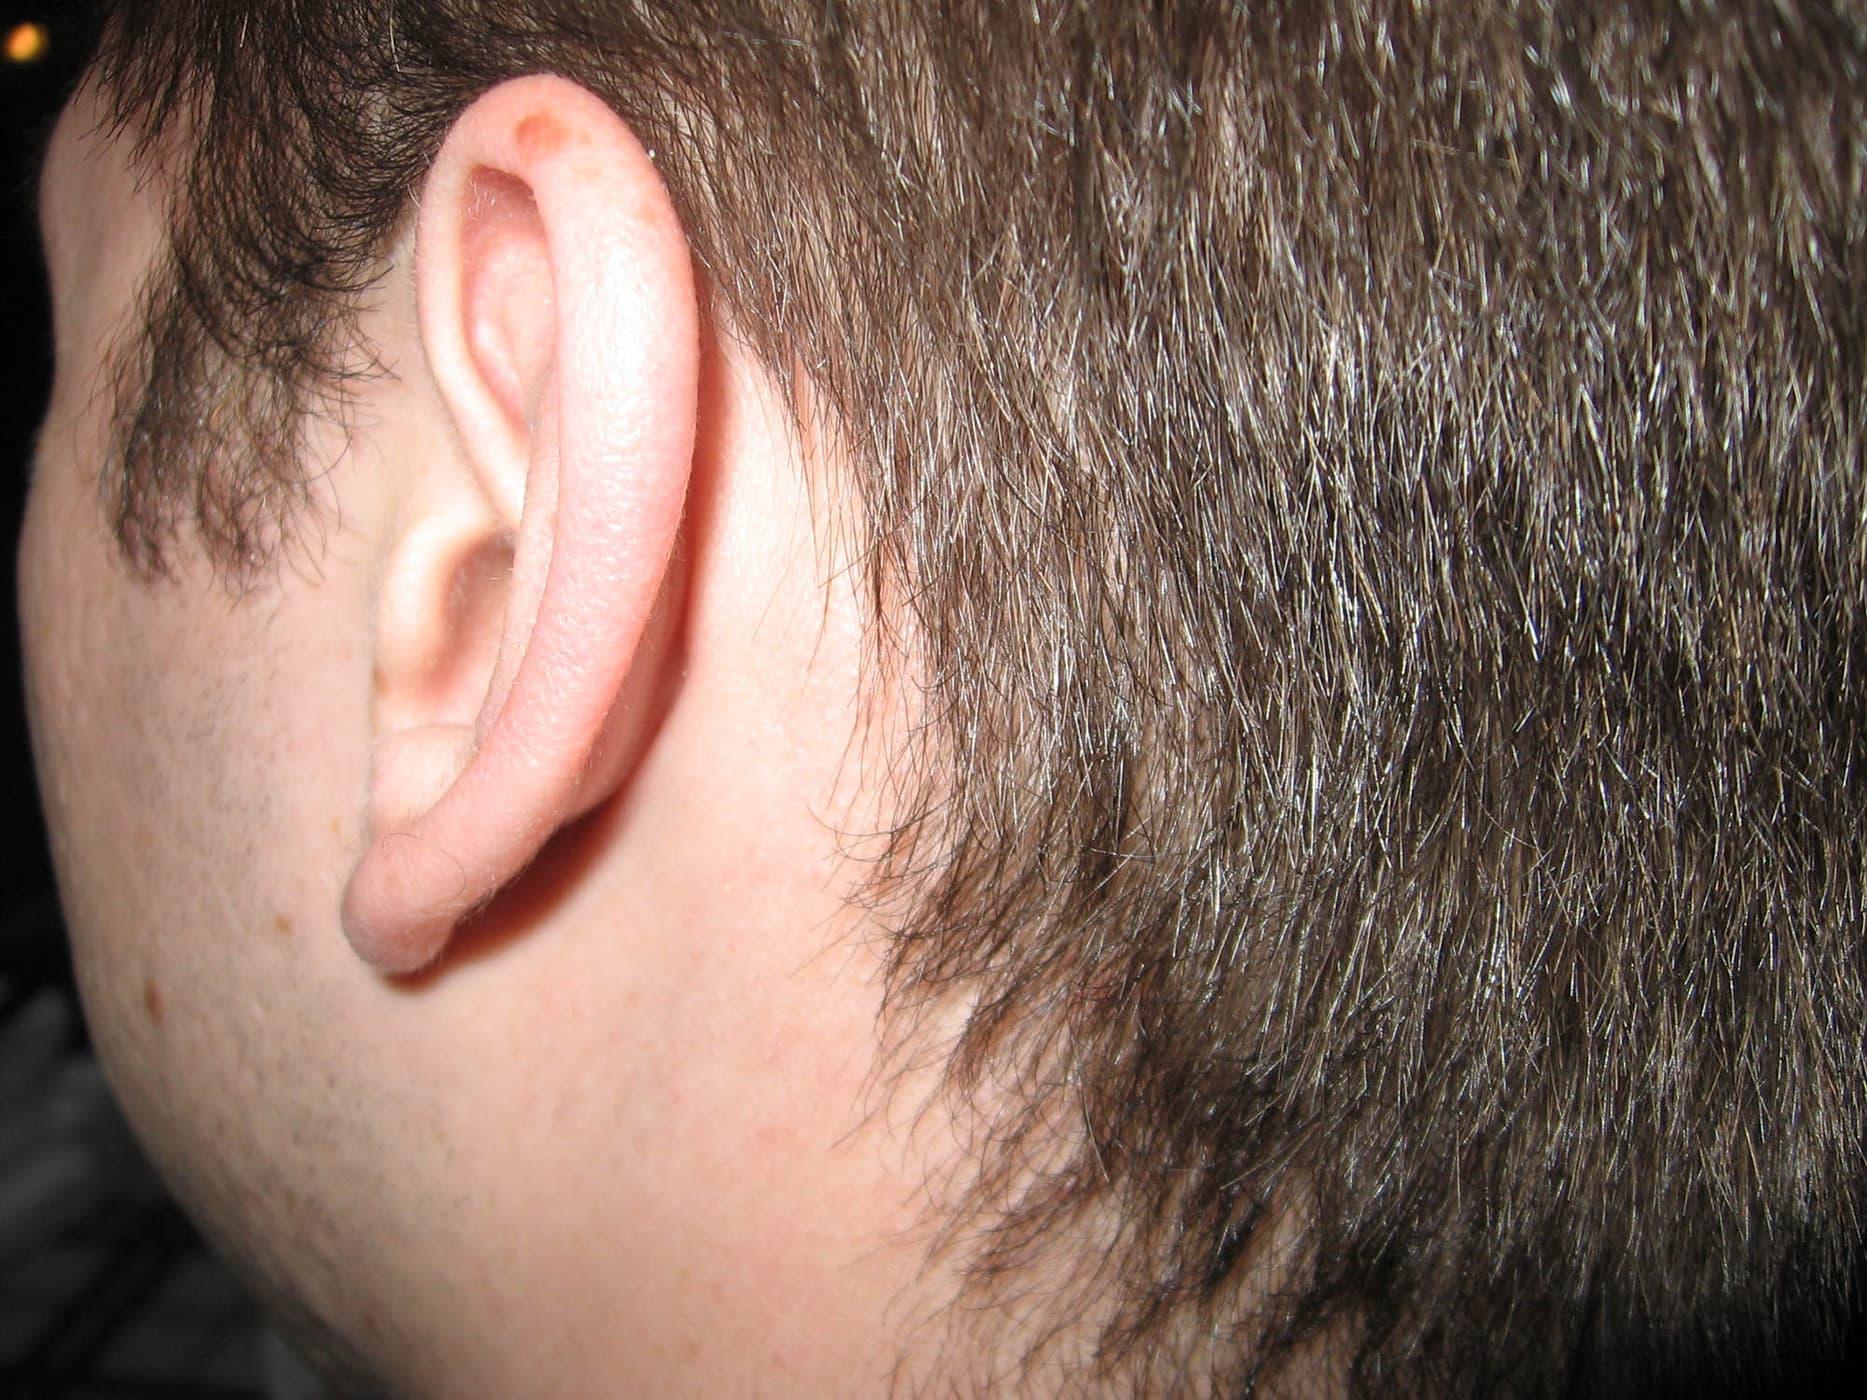 Closeup of Matt's ear  - Happy birthday Andy!